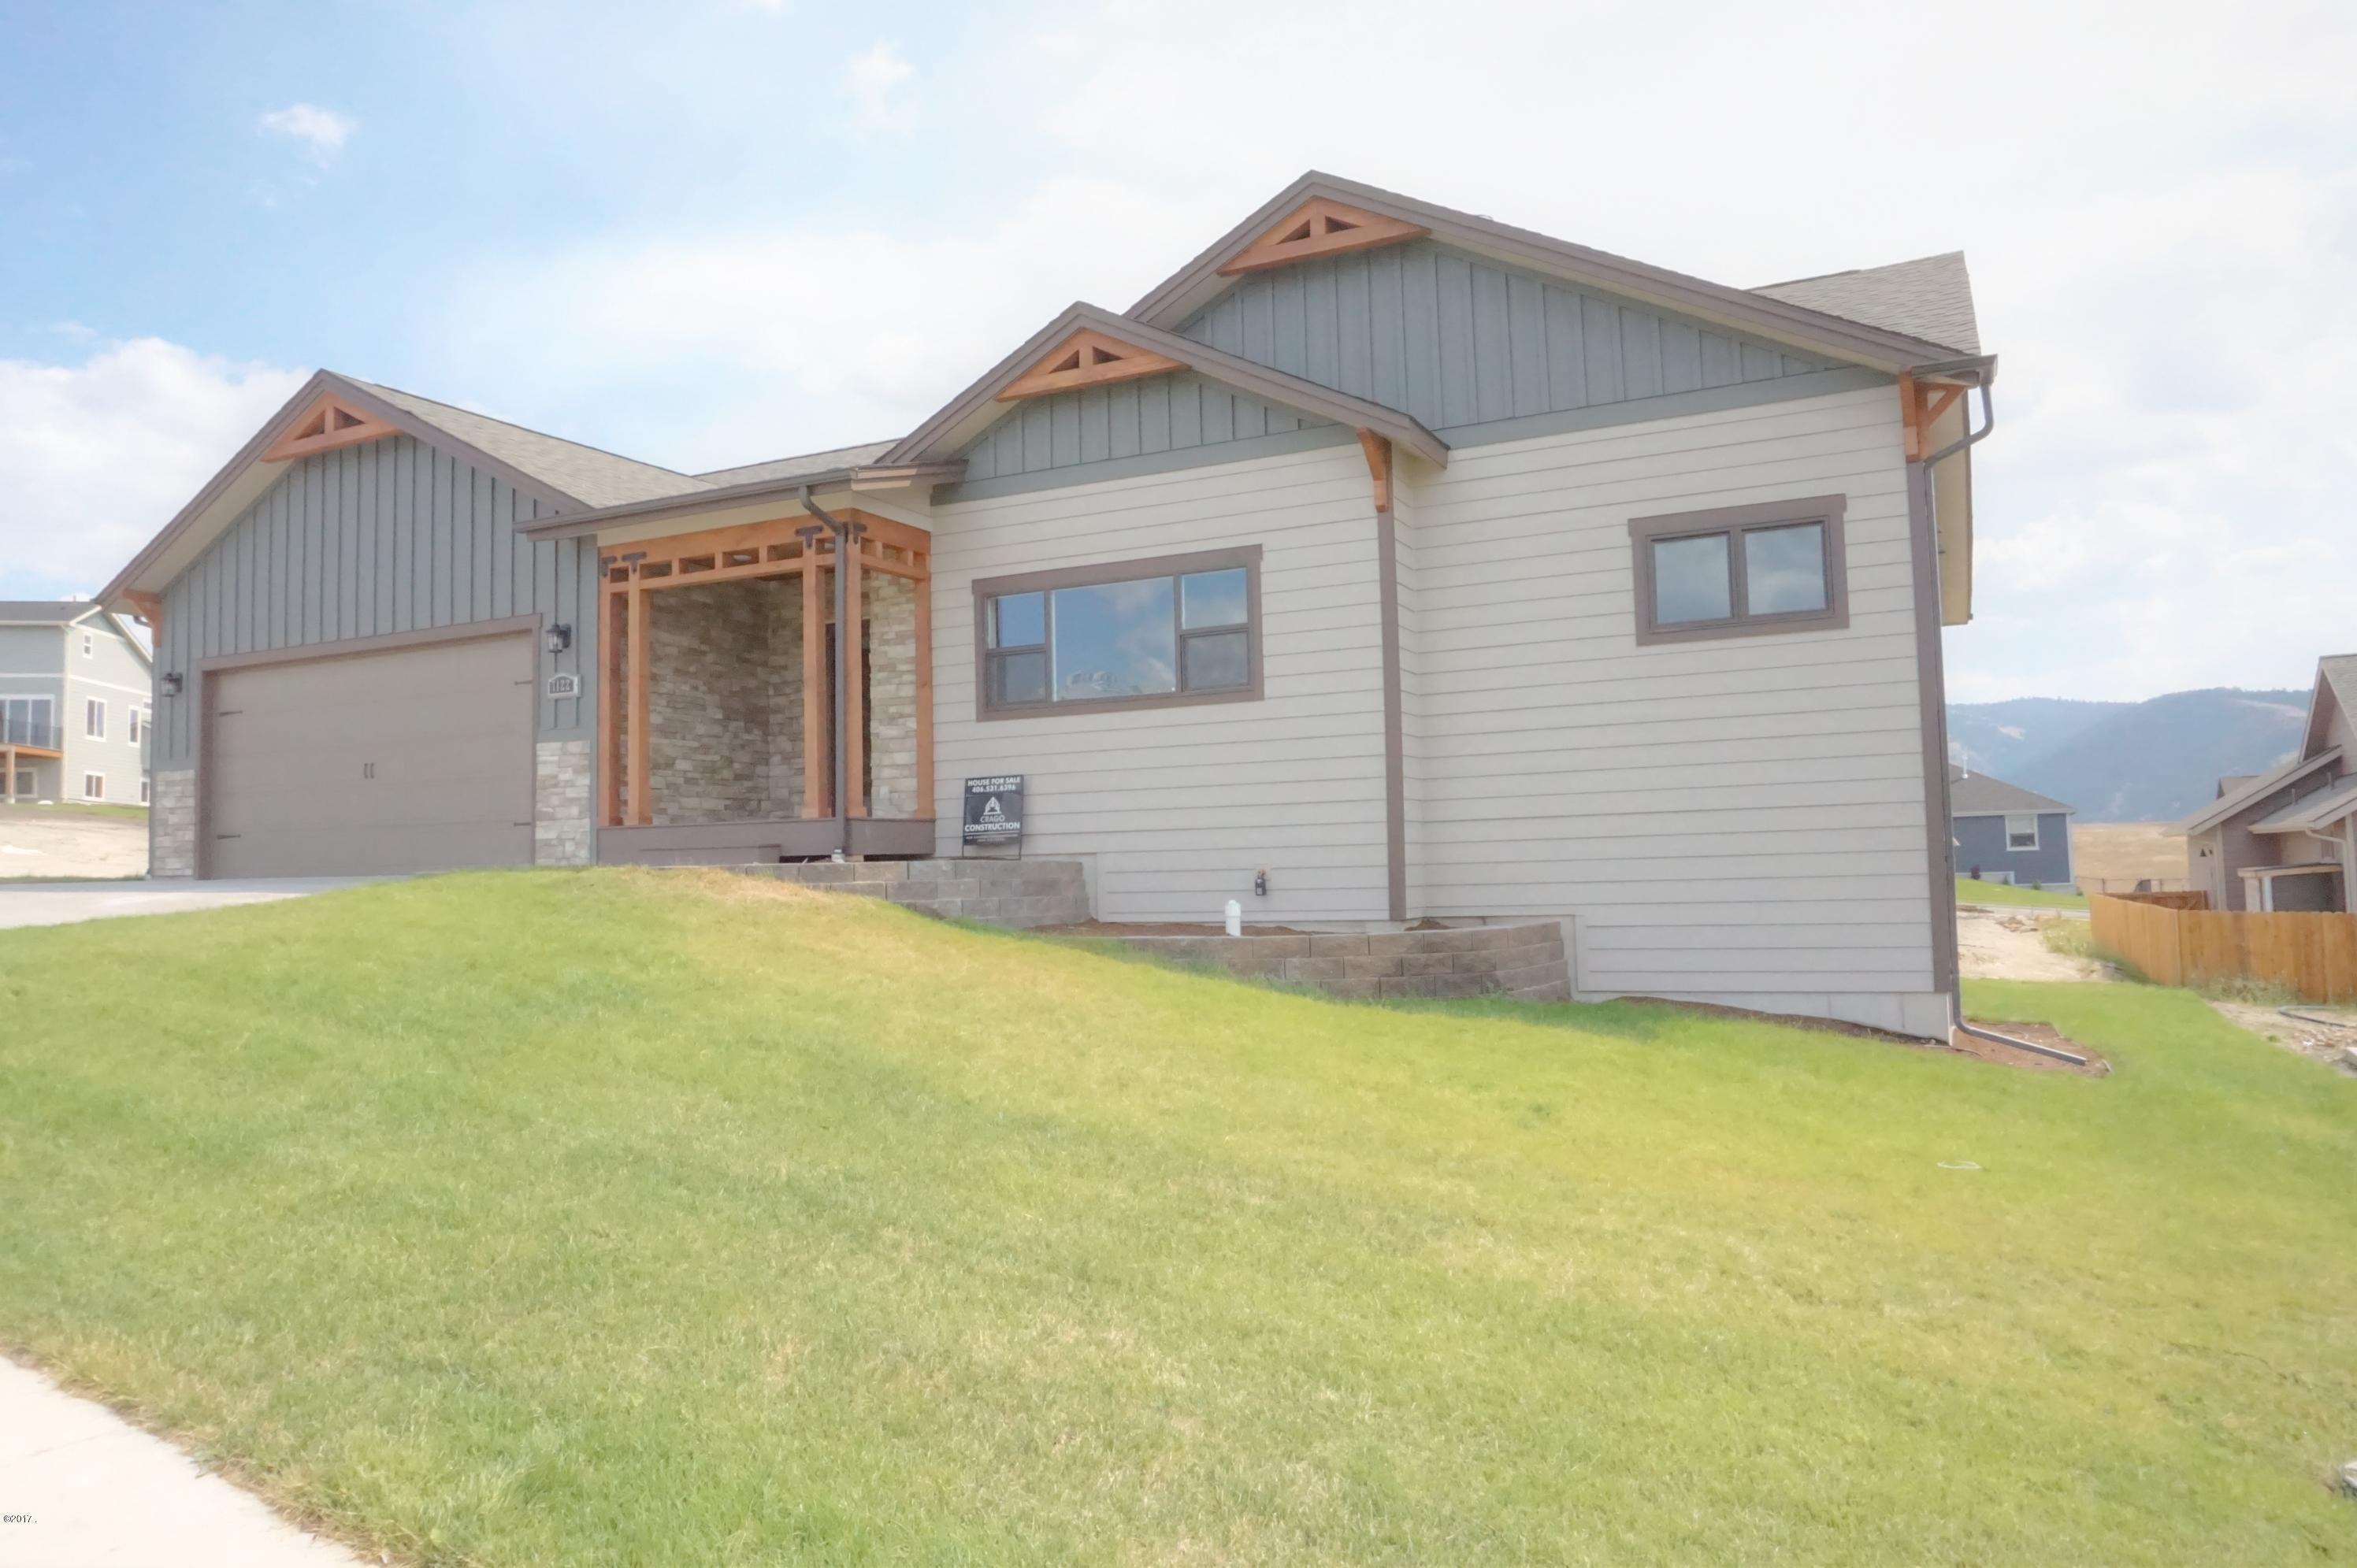 7122 Brooke Lynn Court, Missoula, MT 59803